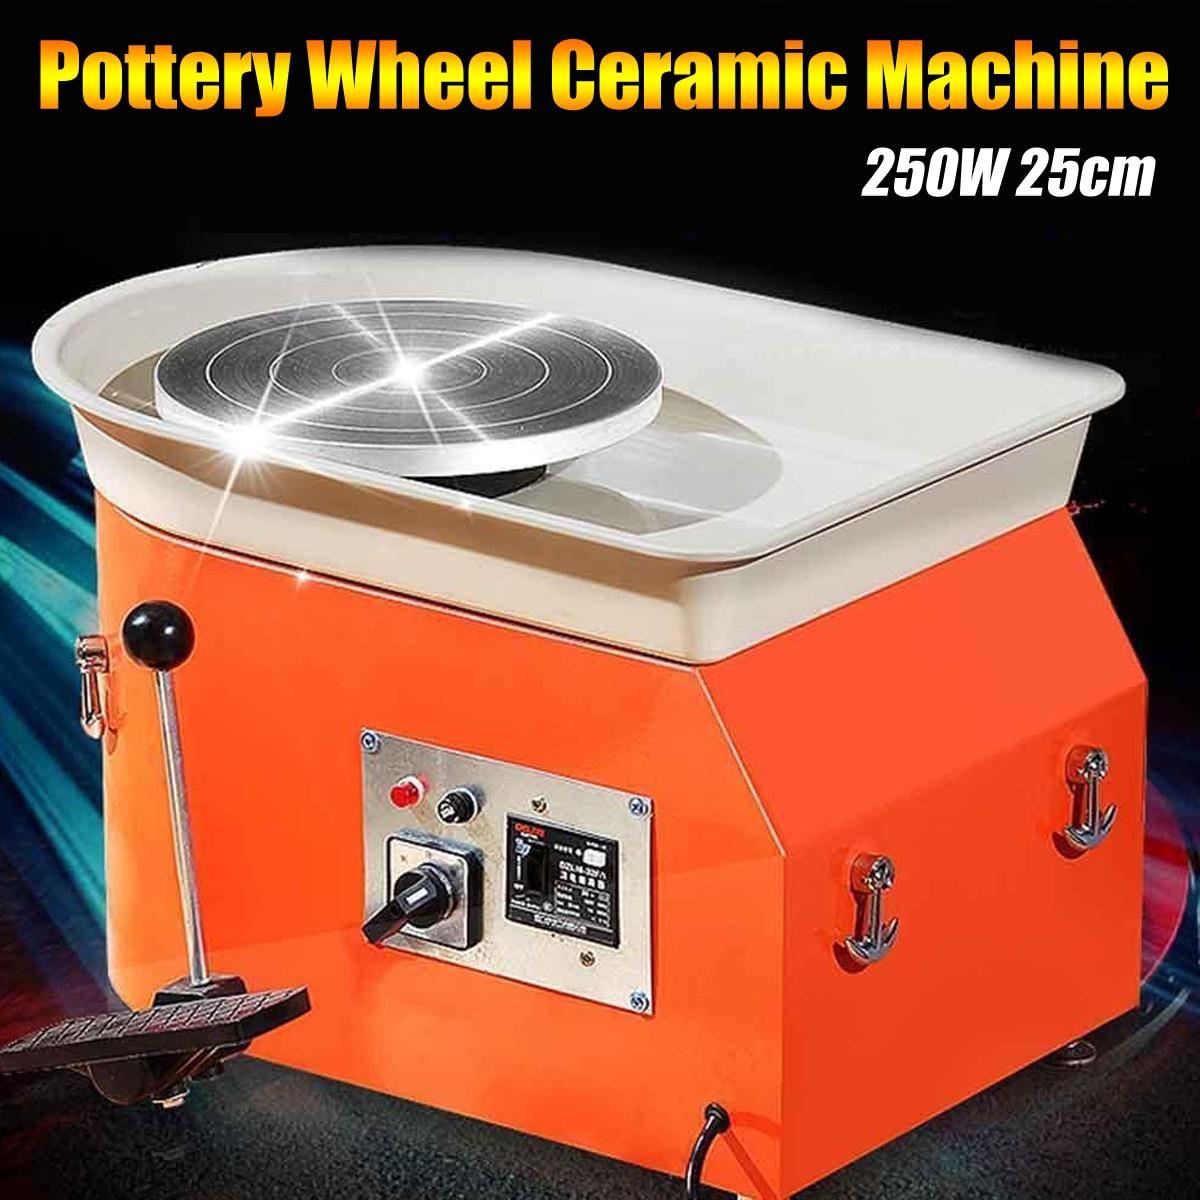 220 V 250 W poterie roue en céramique argile Machine pied pédale en céramique argile Art moule pour le travail de la céramique